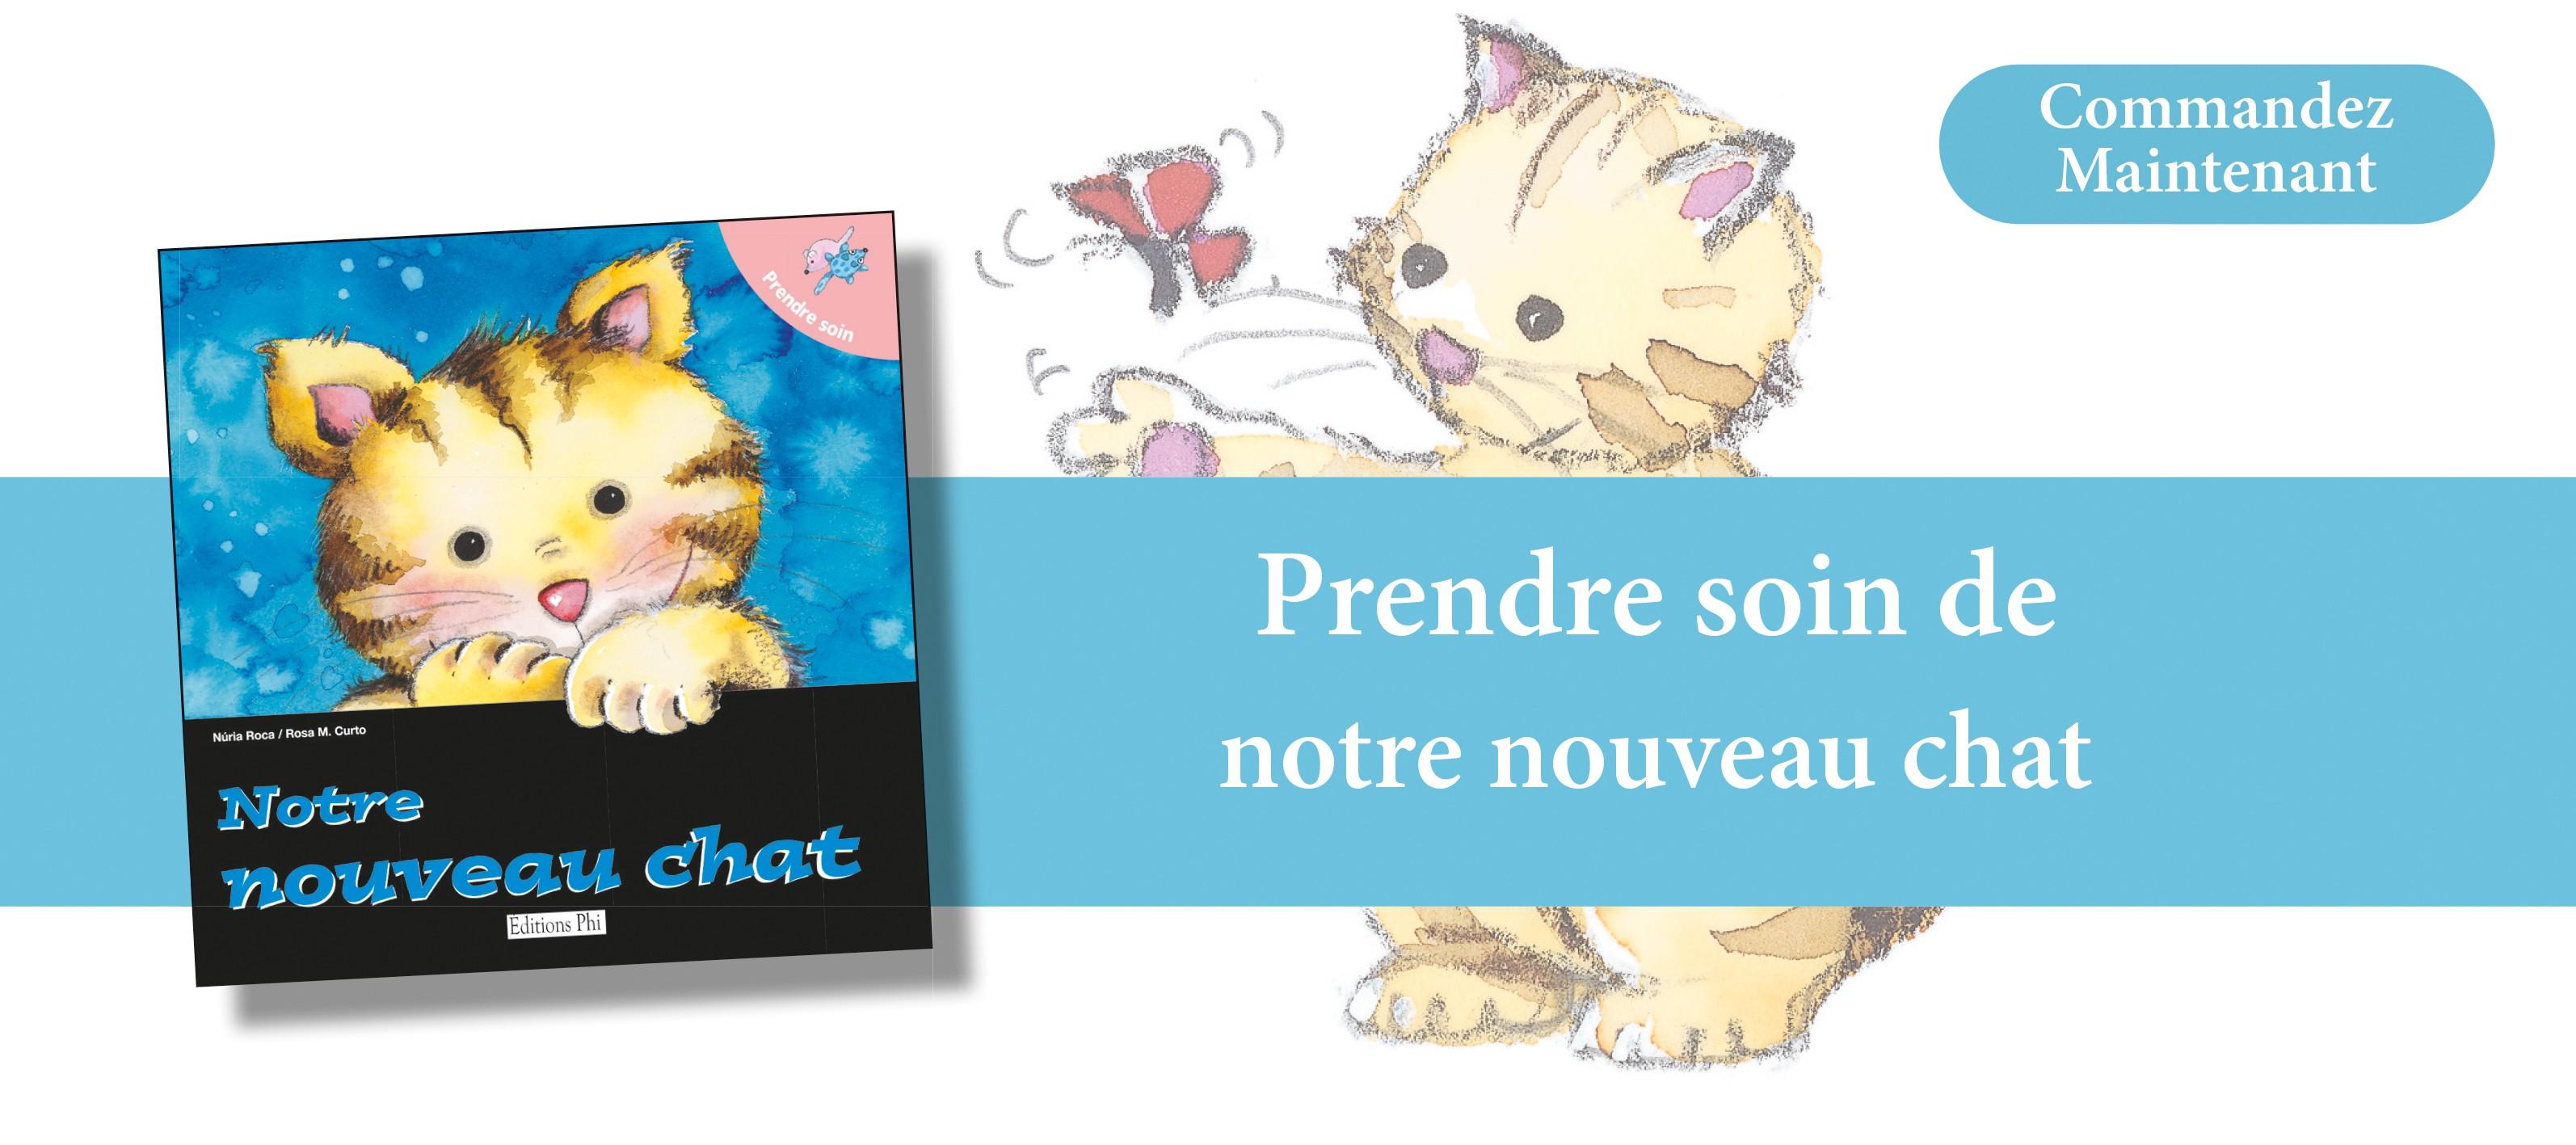 http://www.editionsphi.lu/fr/home/500-prendre-soin-de-notre-nouveau-chat.html